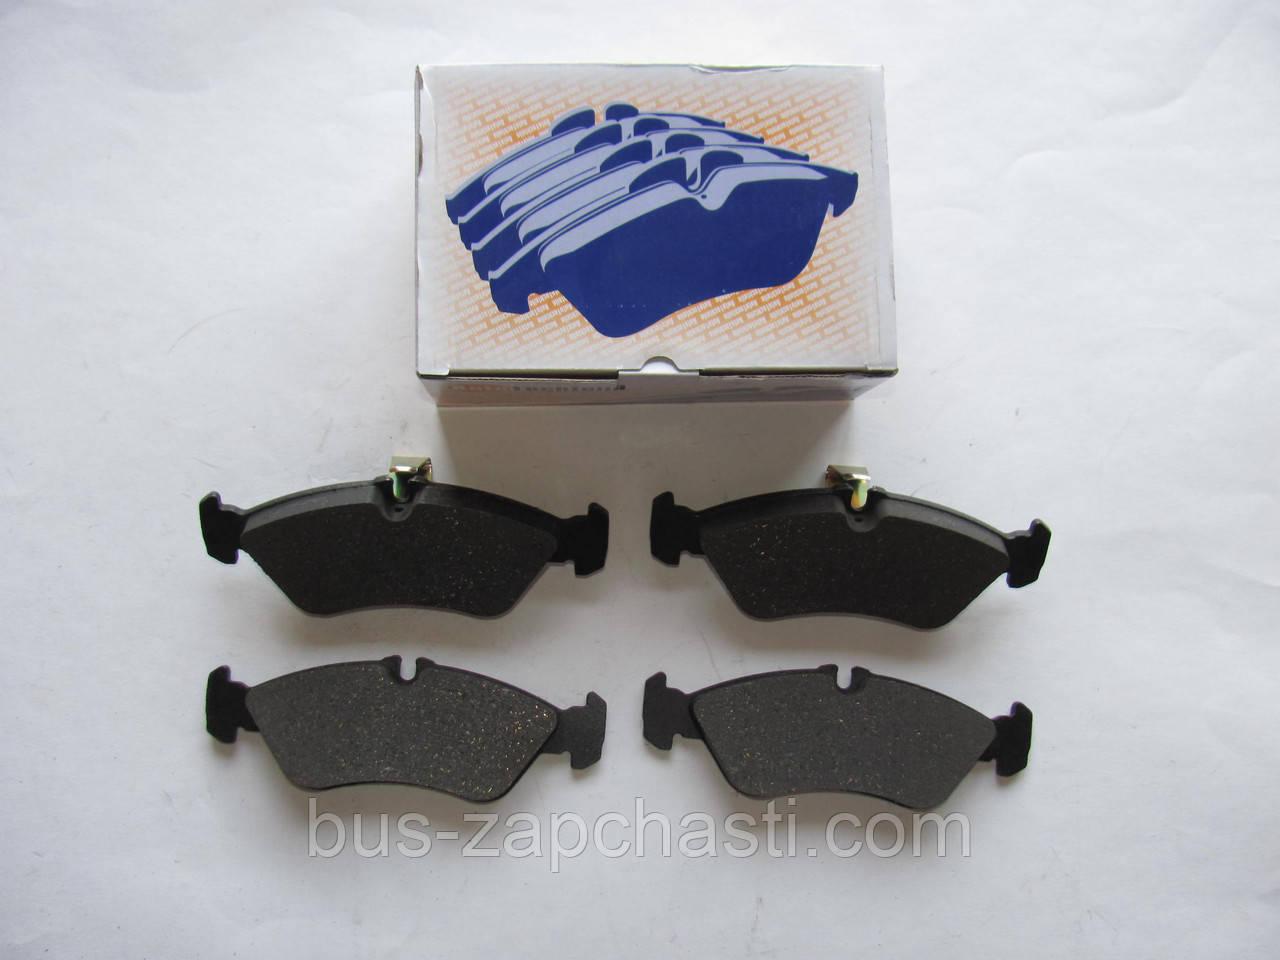 Задние колодки (с молоточками) на MB Sprinter 308-316, VW LT 35 1996-2006 — Autotechteile — 4260